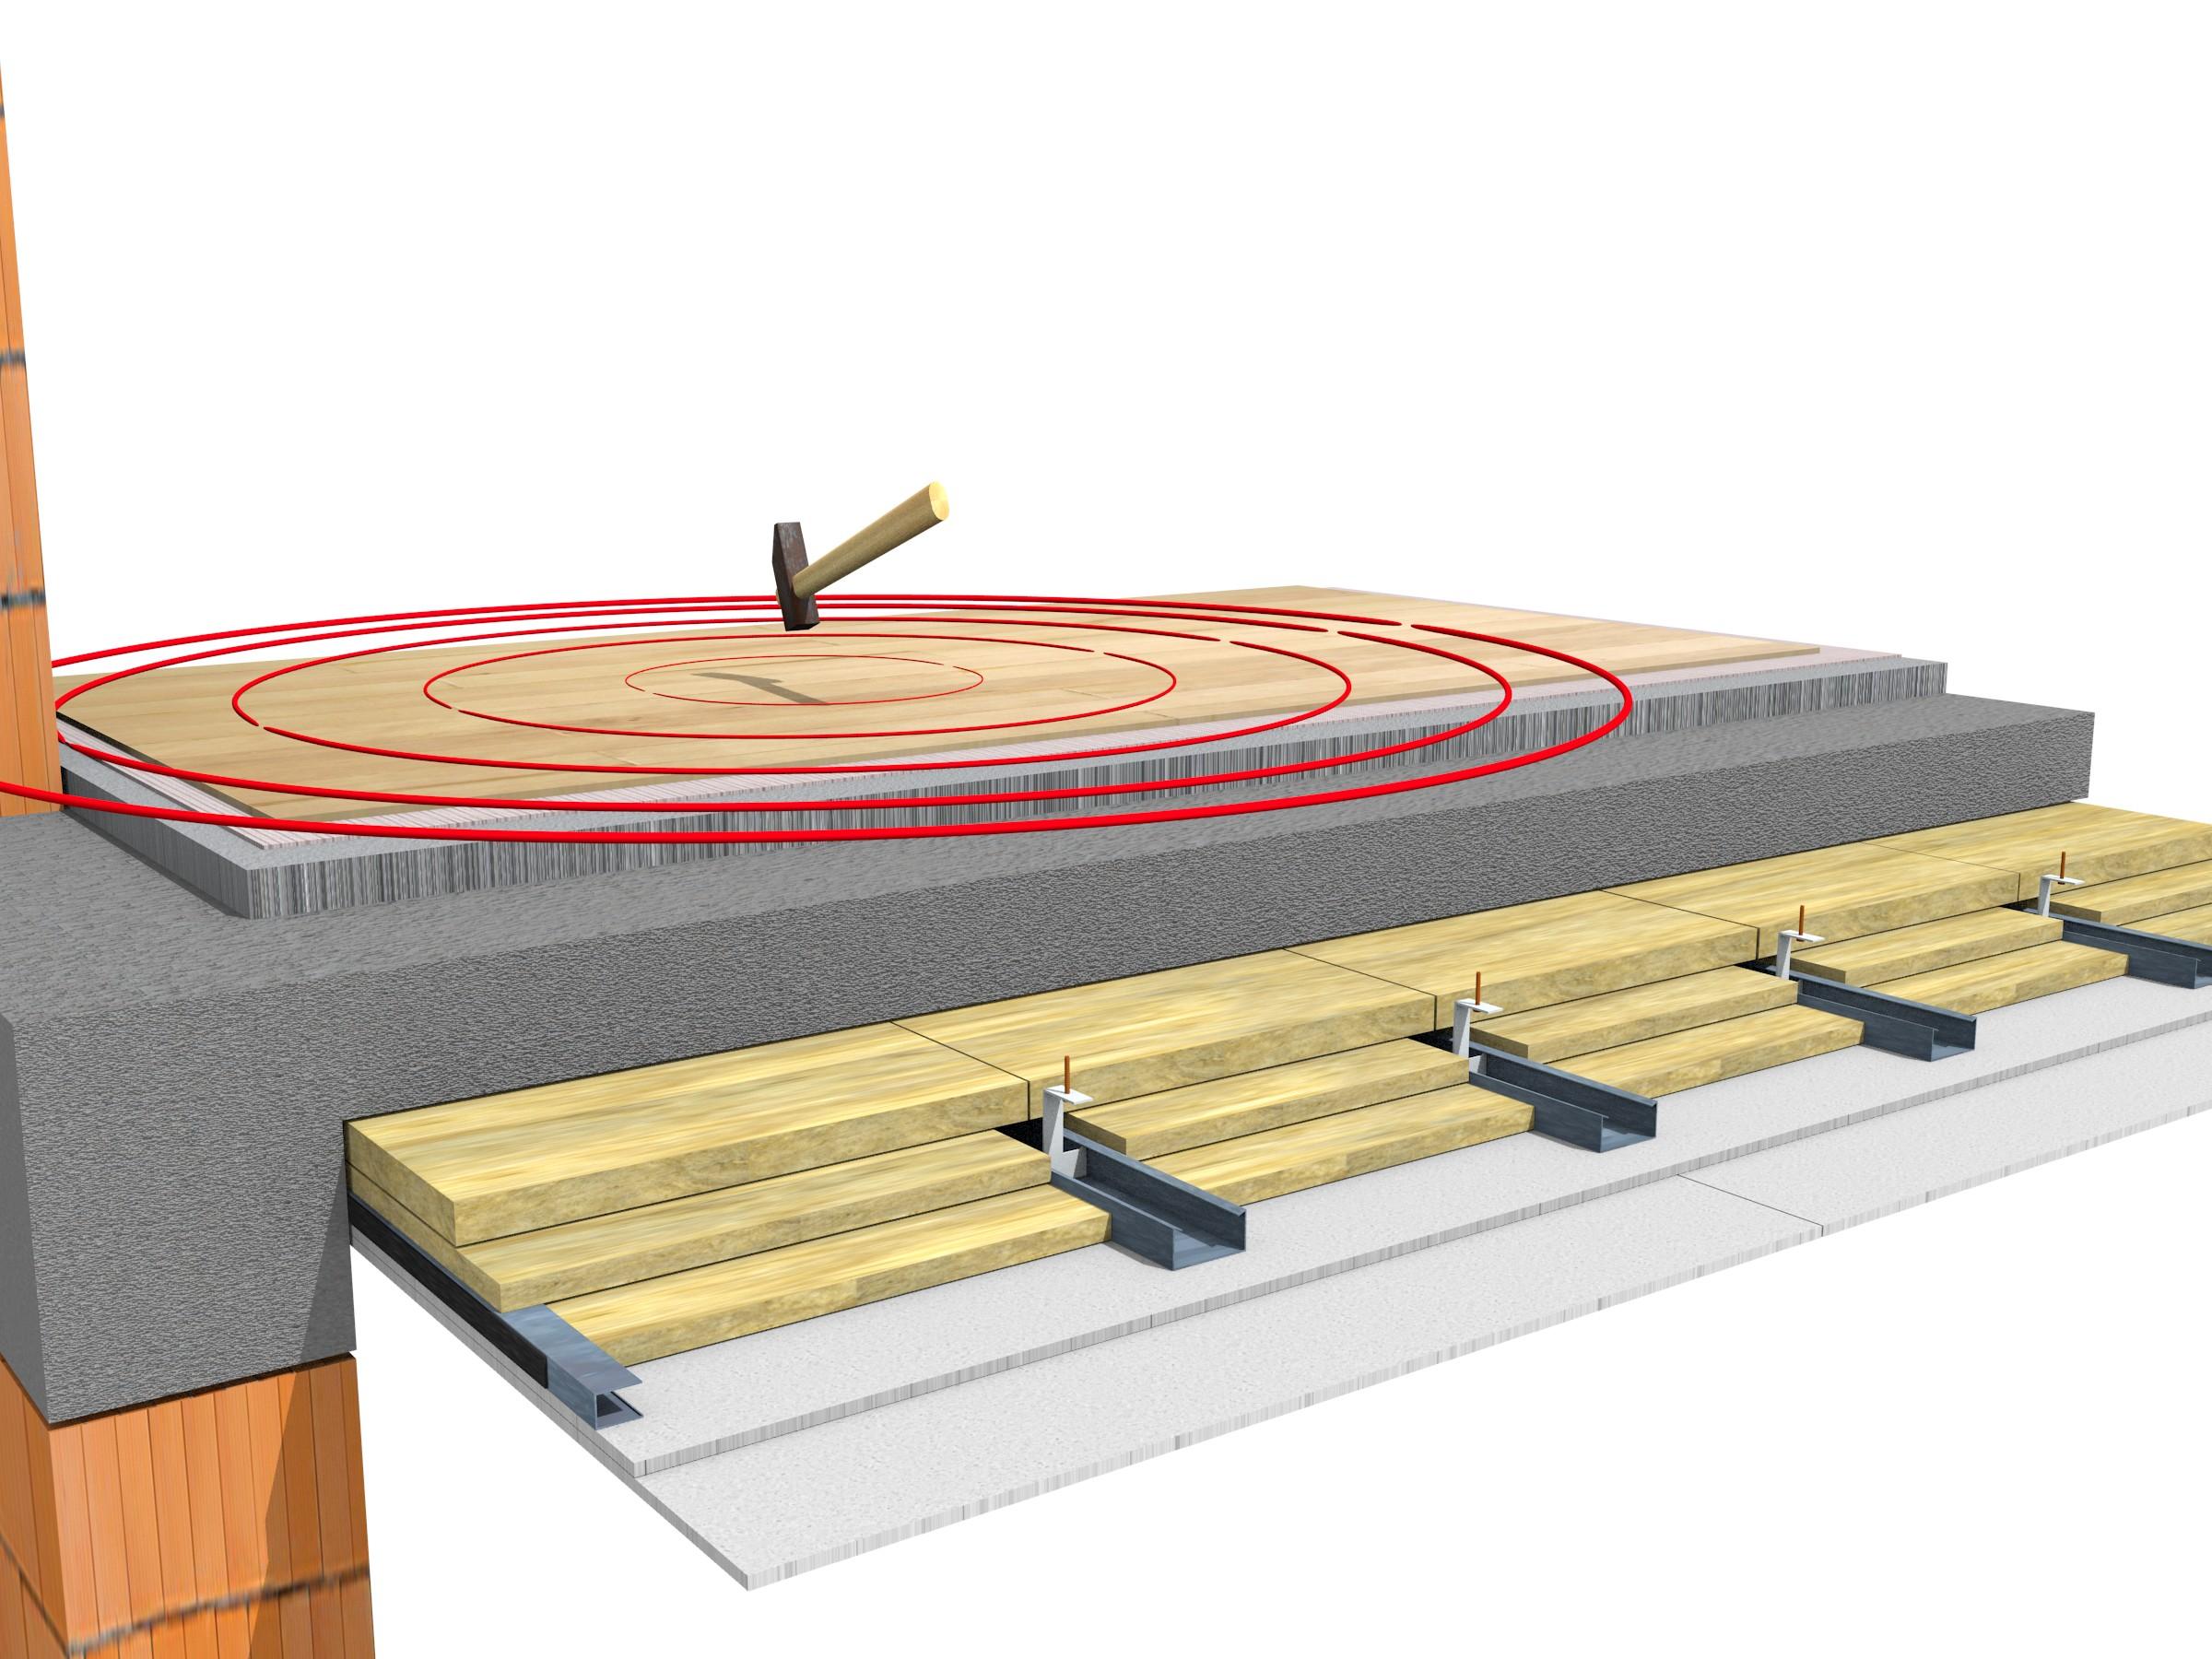 Detaliu de pardoseala cu tavan suspendat pentru reducerea zgomotului la impact - Pardoseala cu tavan suspendat